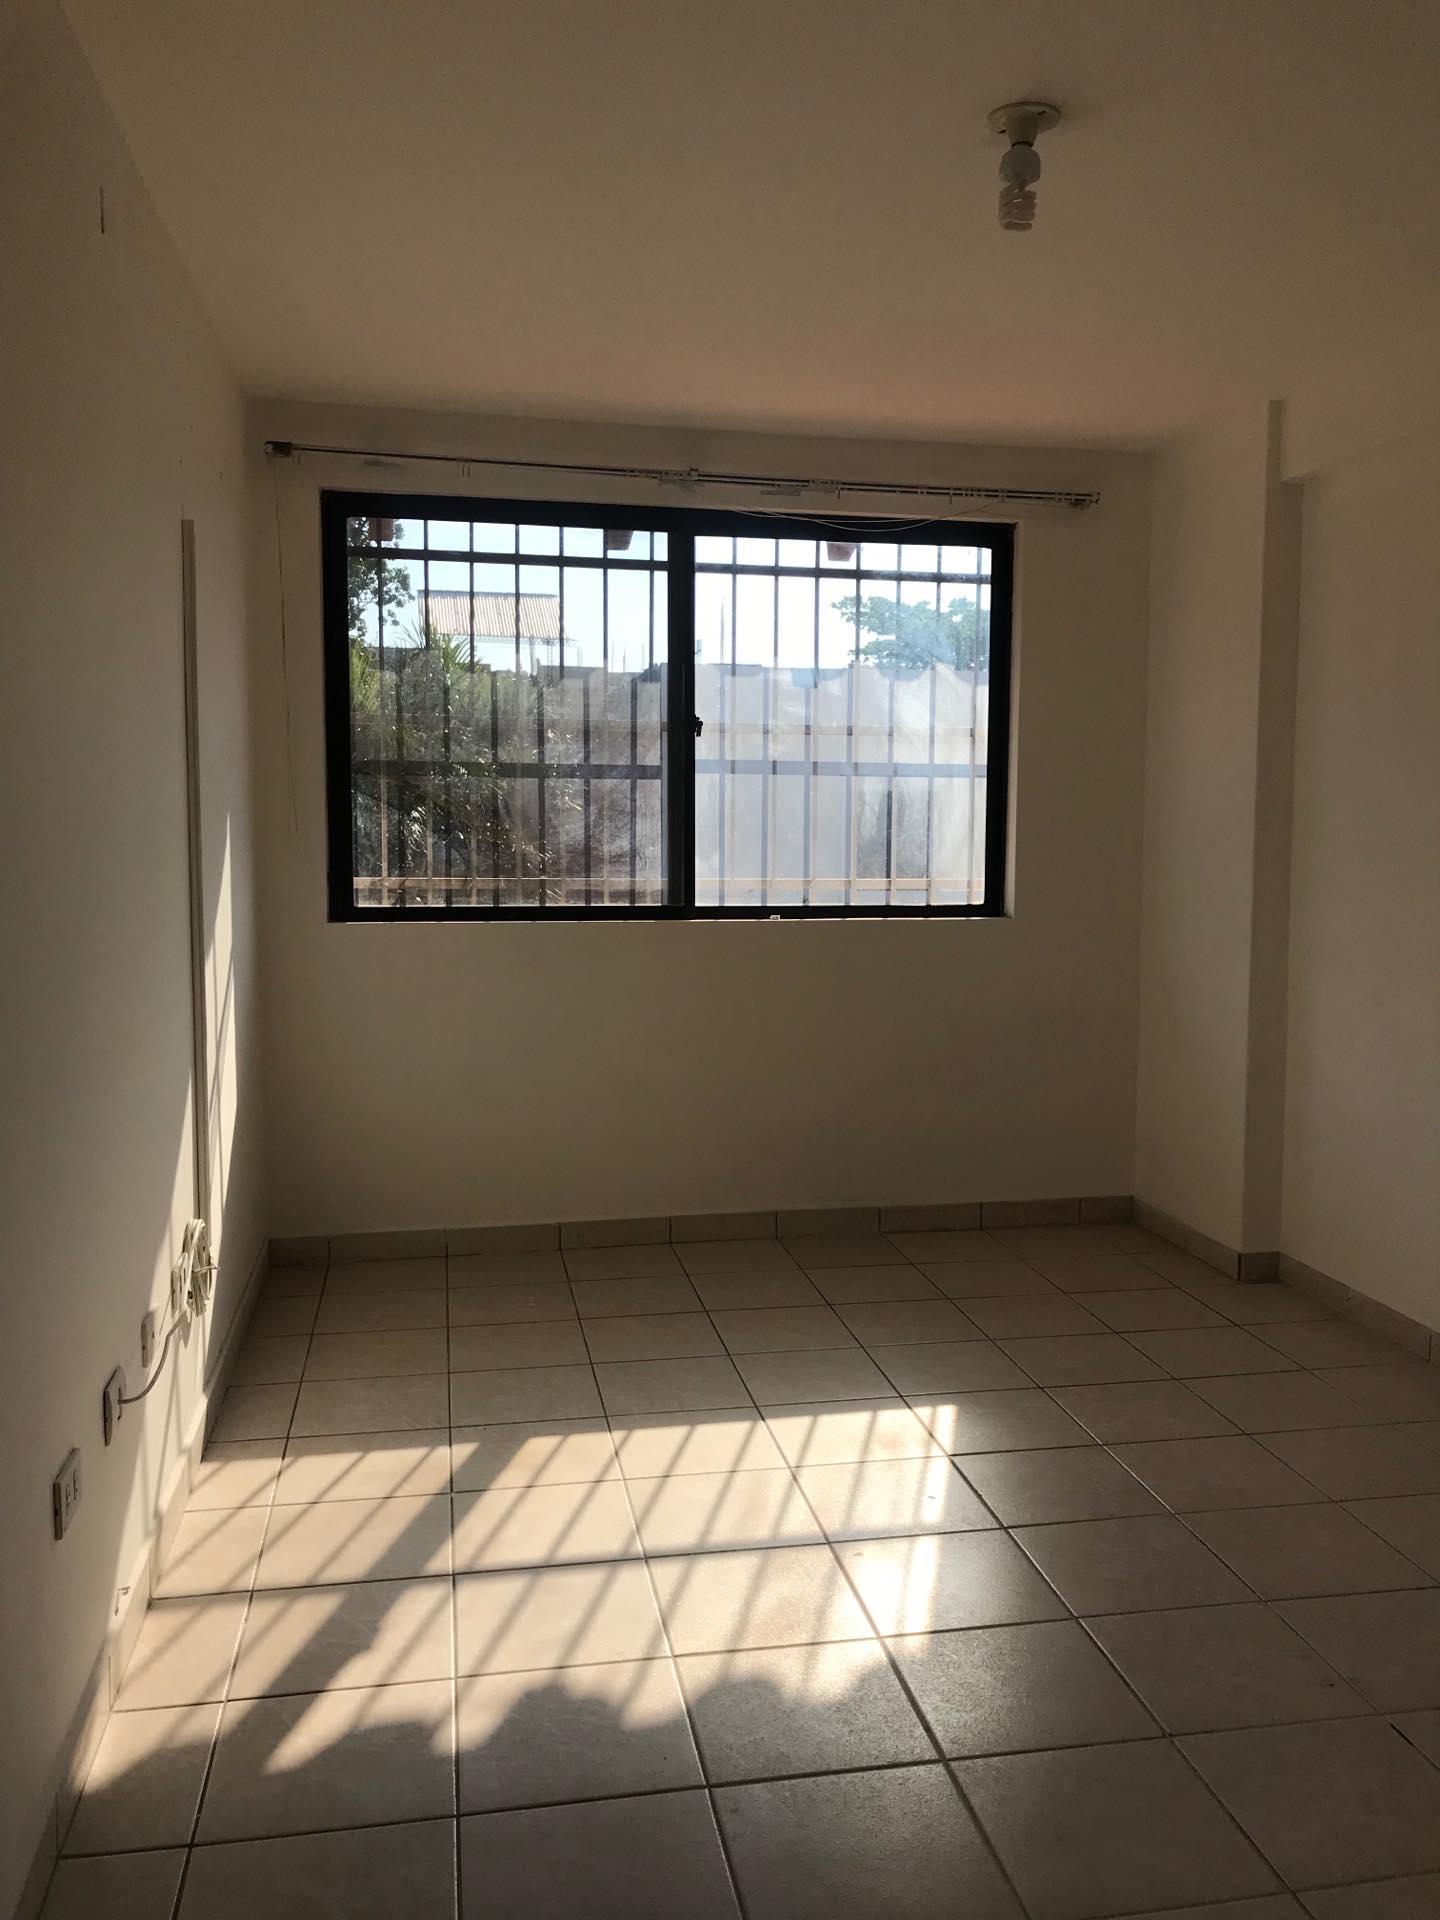 Casa en Alquiler Av. Melchor Pinto entre 1ro y 2do anillo  Foto 9